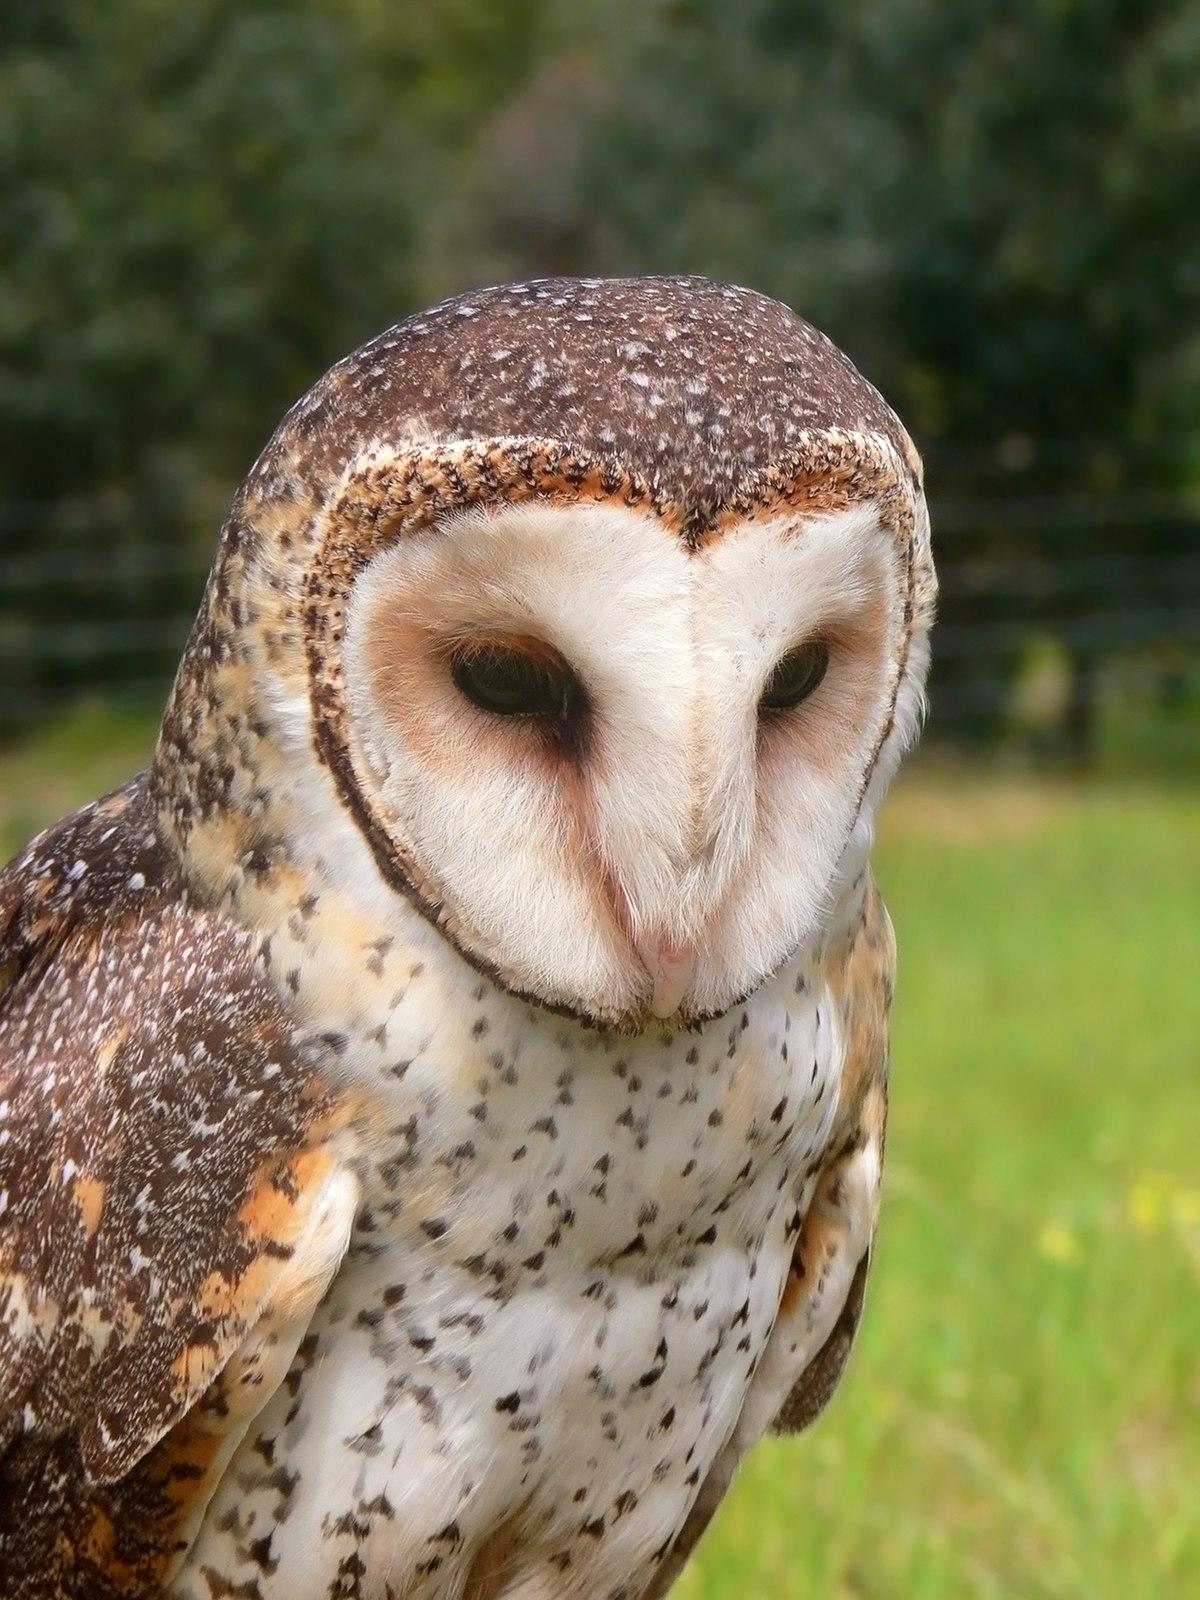 Barn-owl - Wikipedia